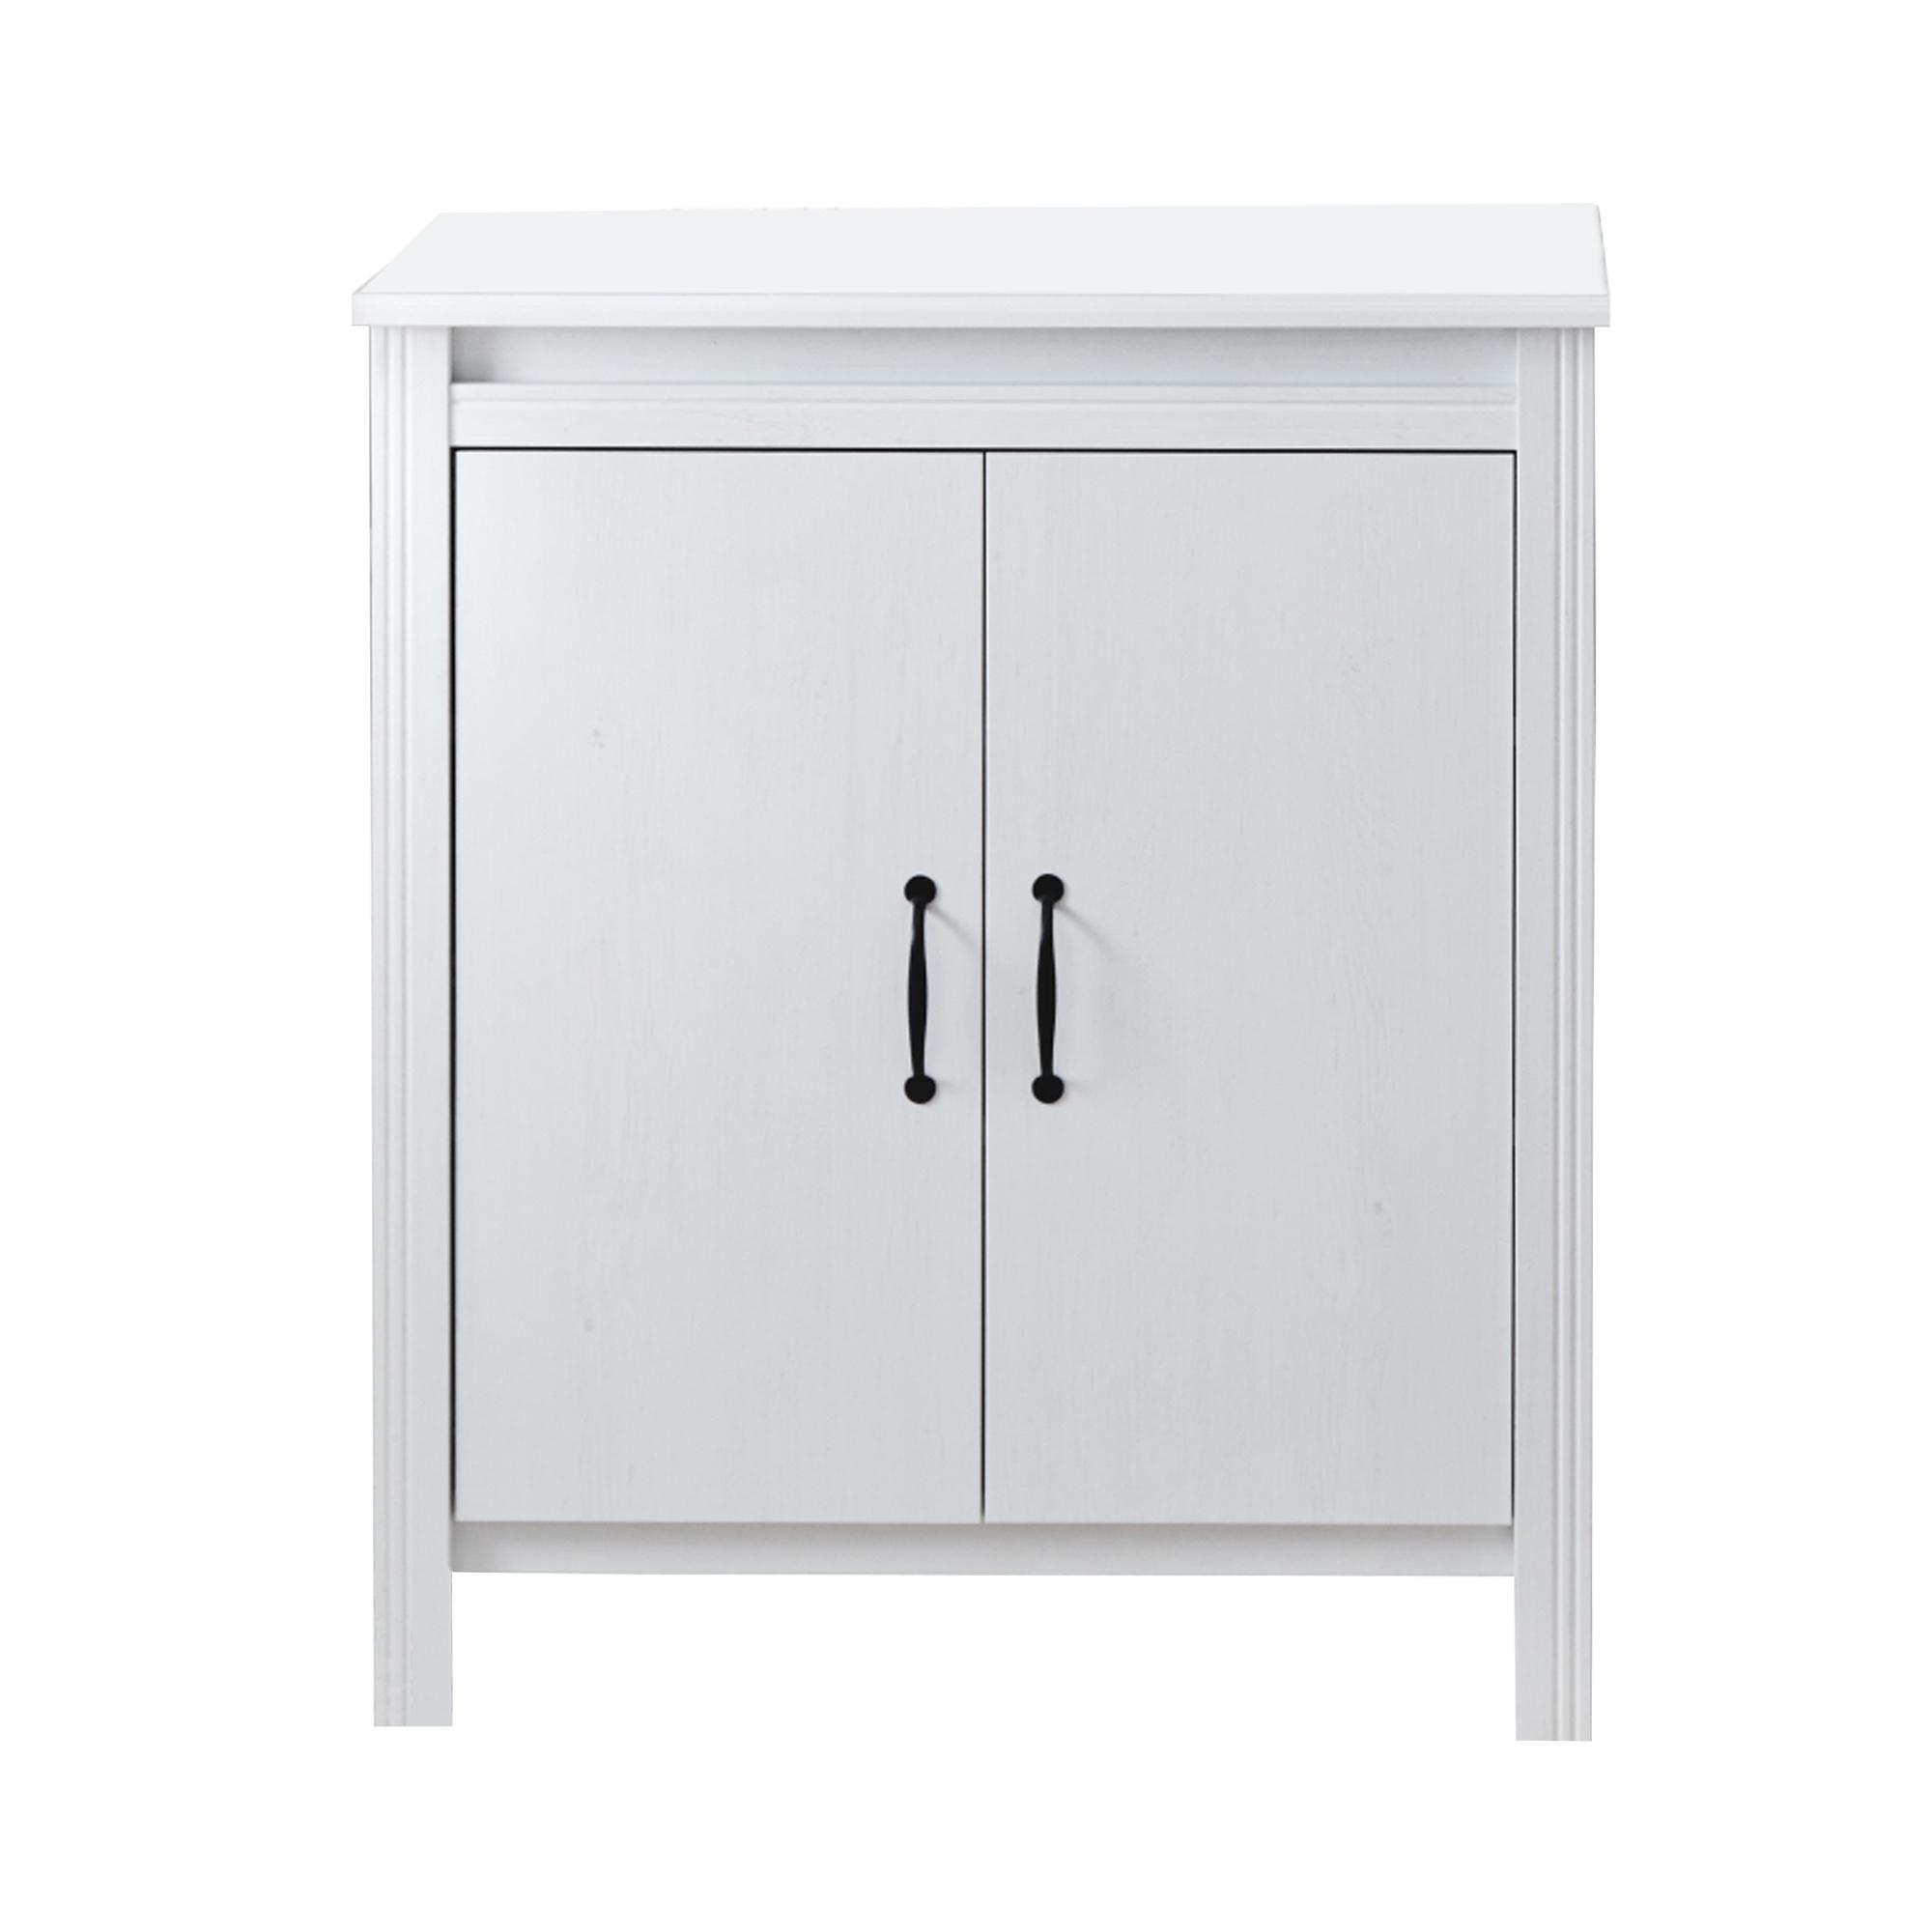 Brusali armario con puertas for Puertas armarios ikea